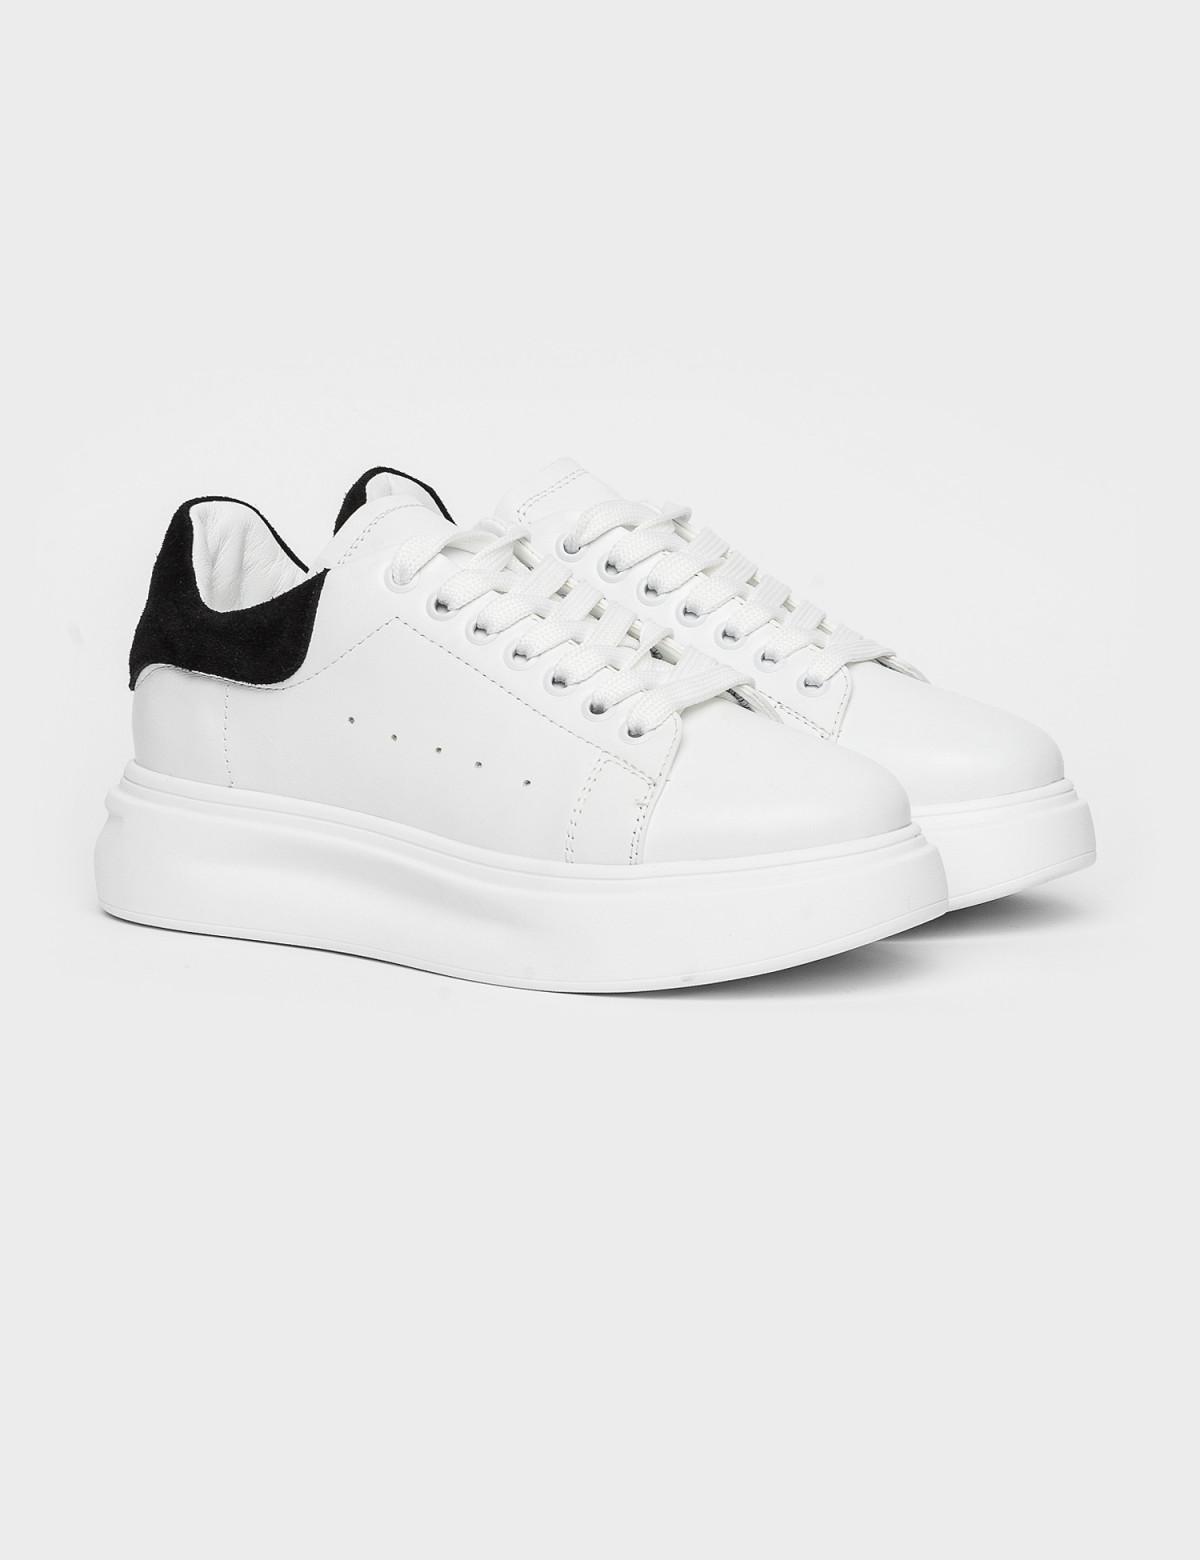 Кросівки білі/чорні. Натуральна шкіра1